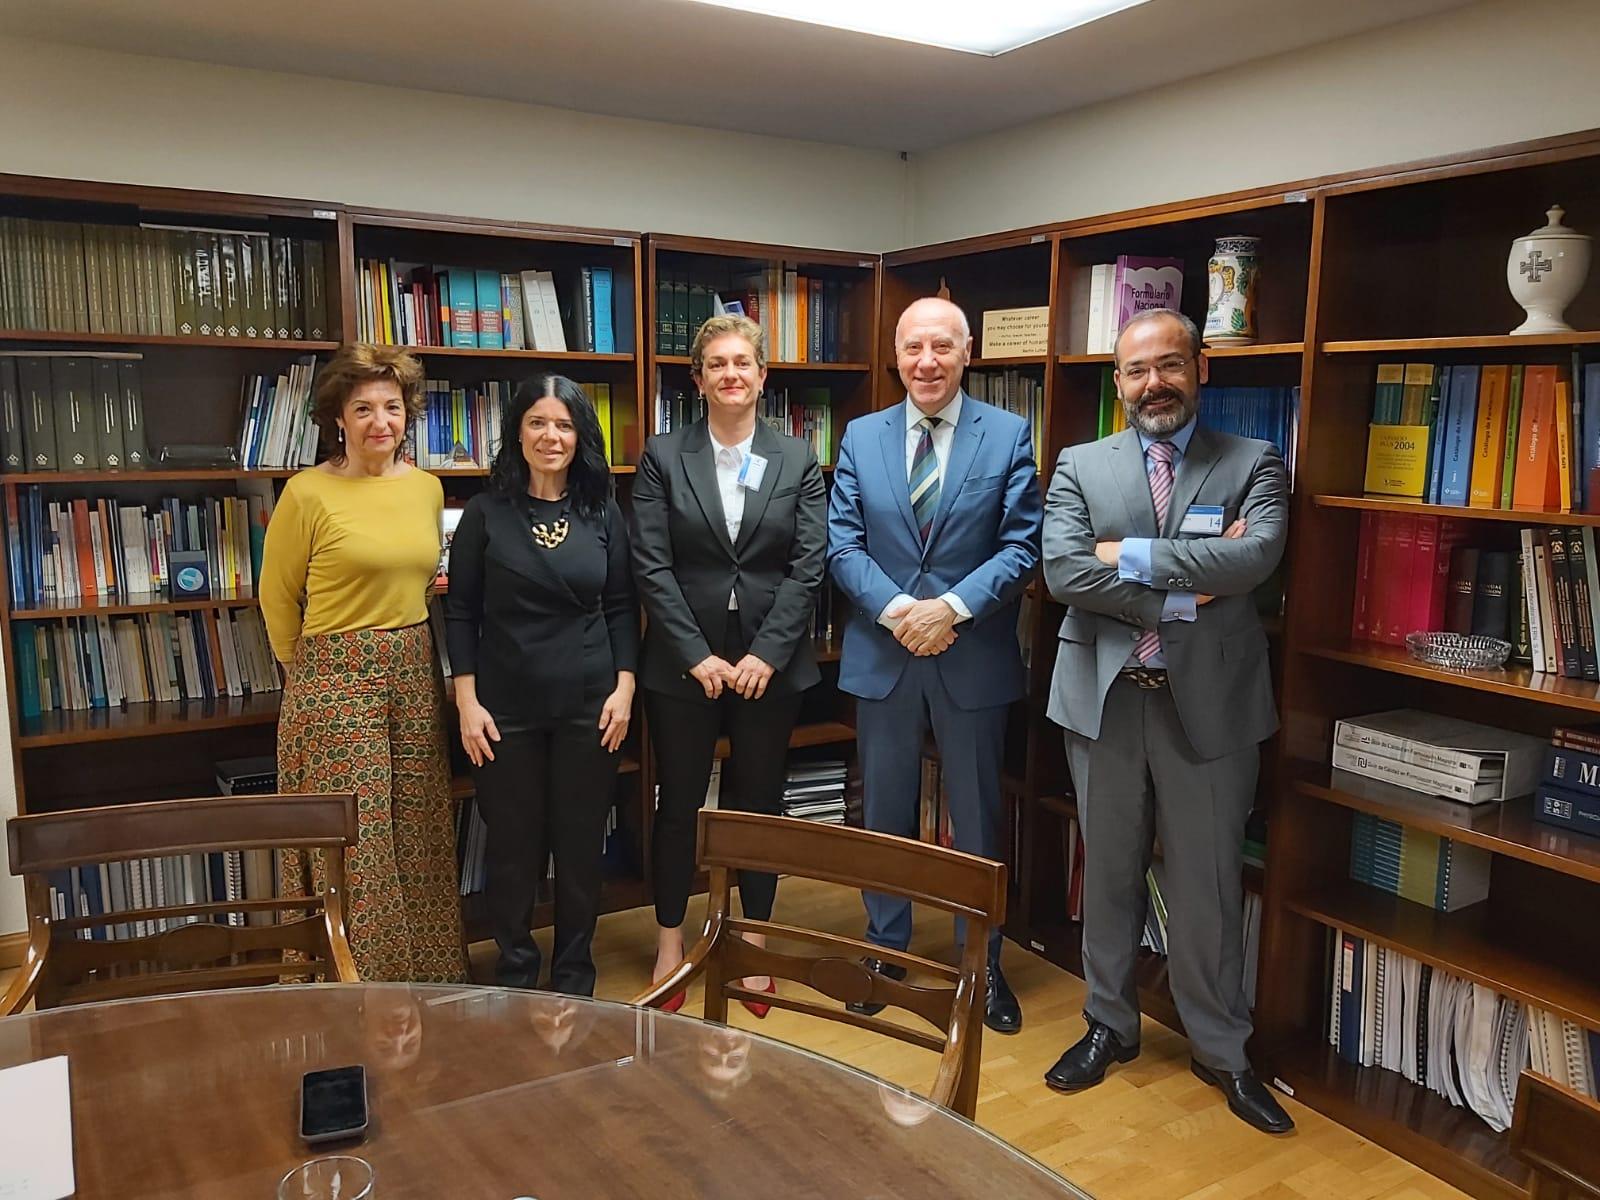 Jaime Espolita, presidente de Sefar, junto a Faustino Blanco, ex secretario general de Sanidad, Patricia Lacruz, directora general de Sanidad, y dos vocales de Sefar.